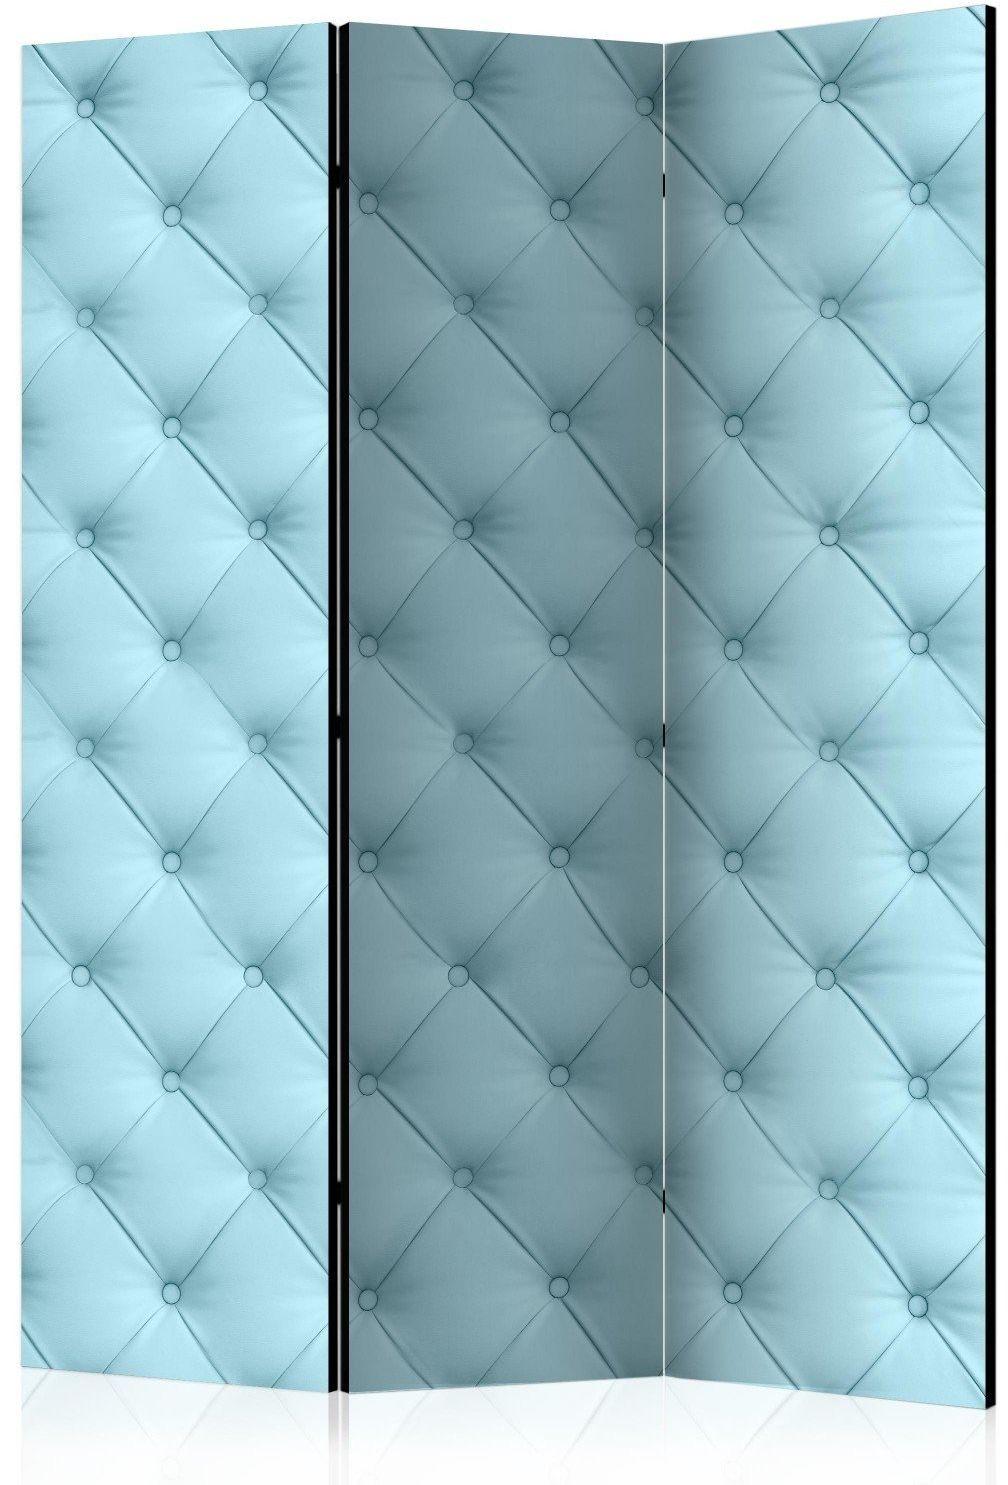 Parawan 3-częściowy - pianka [room dividers]